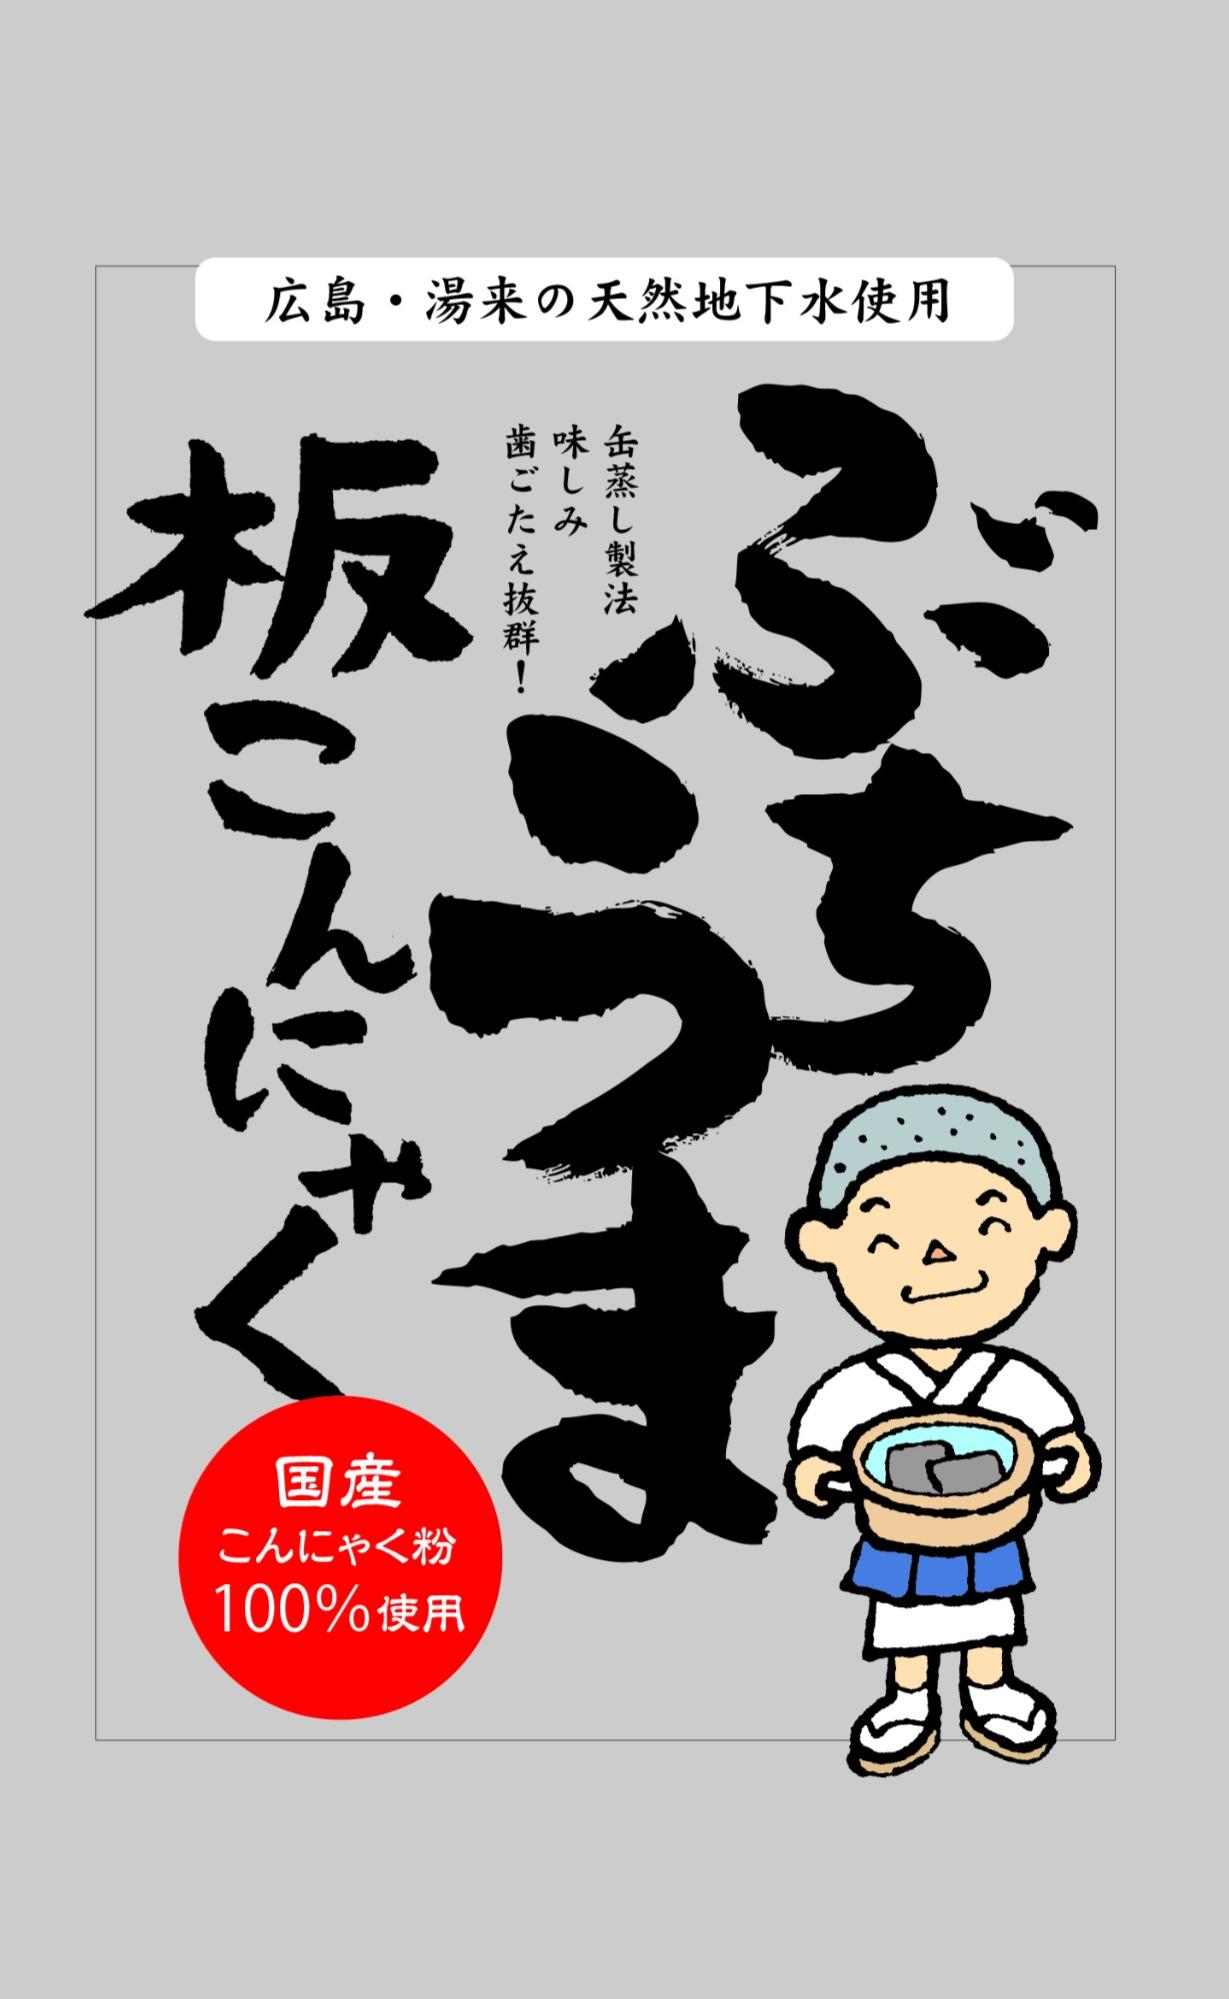 宇都宮パック「ぶちうまこんにゃく」(寿マナック)パッケージ